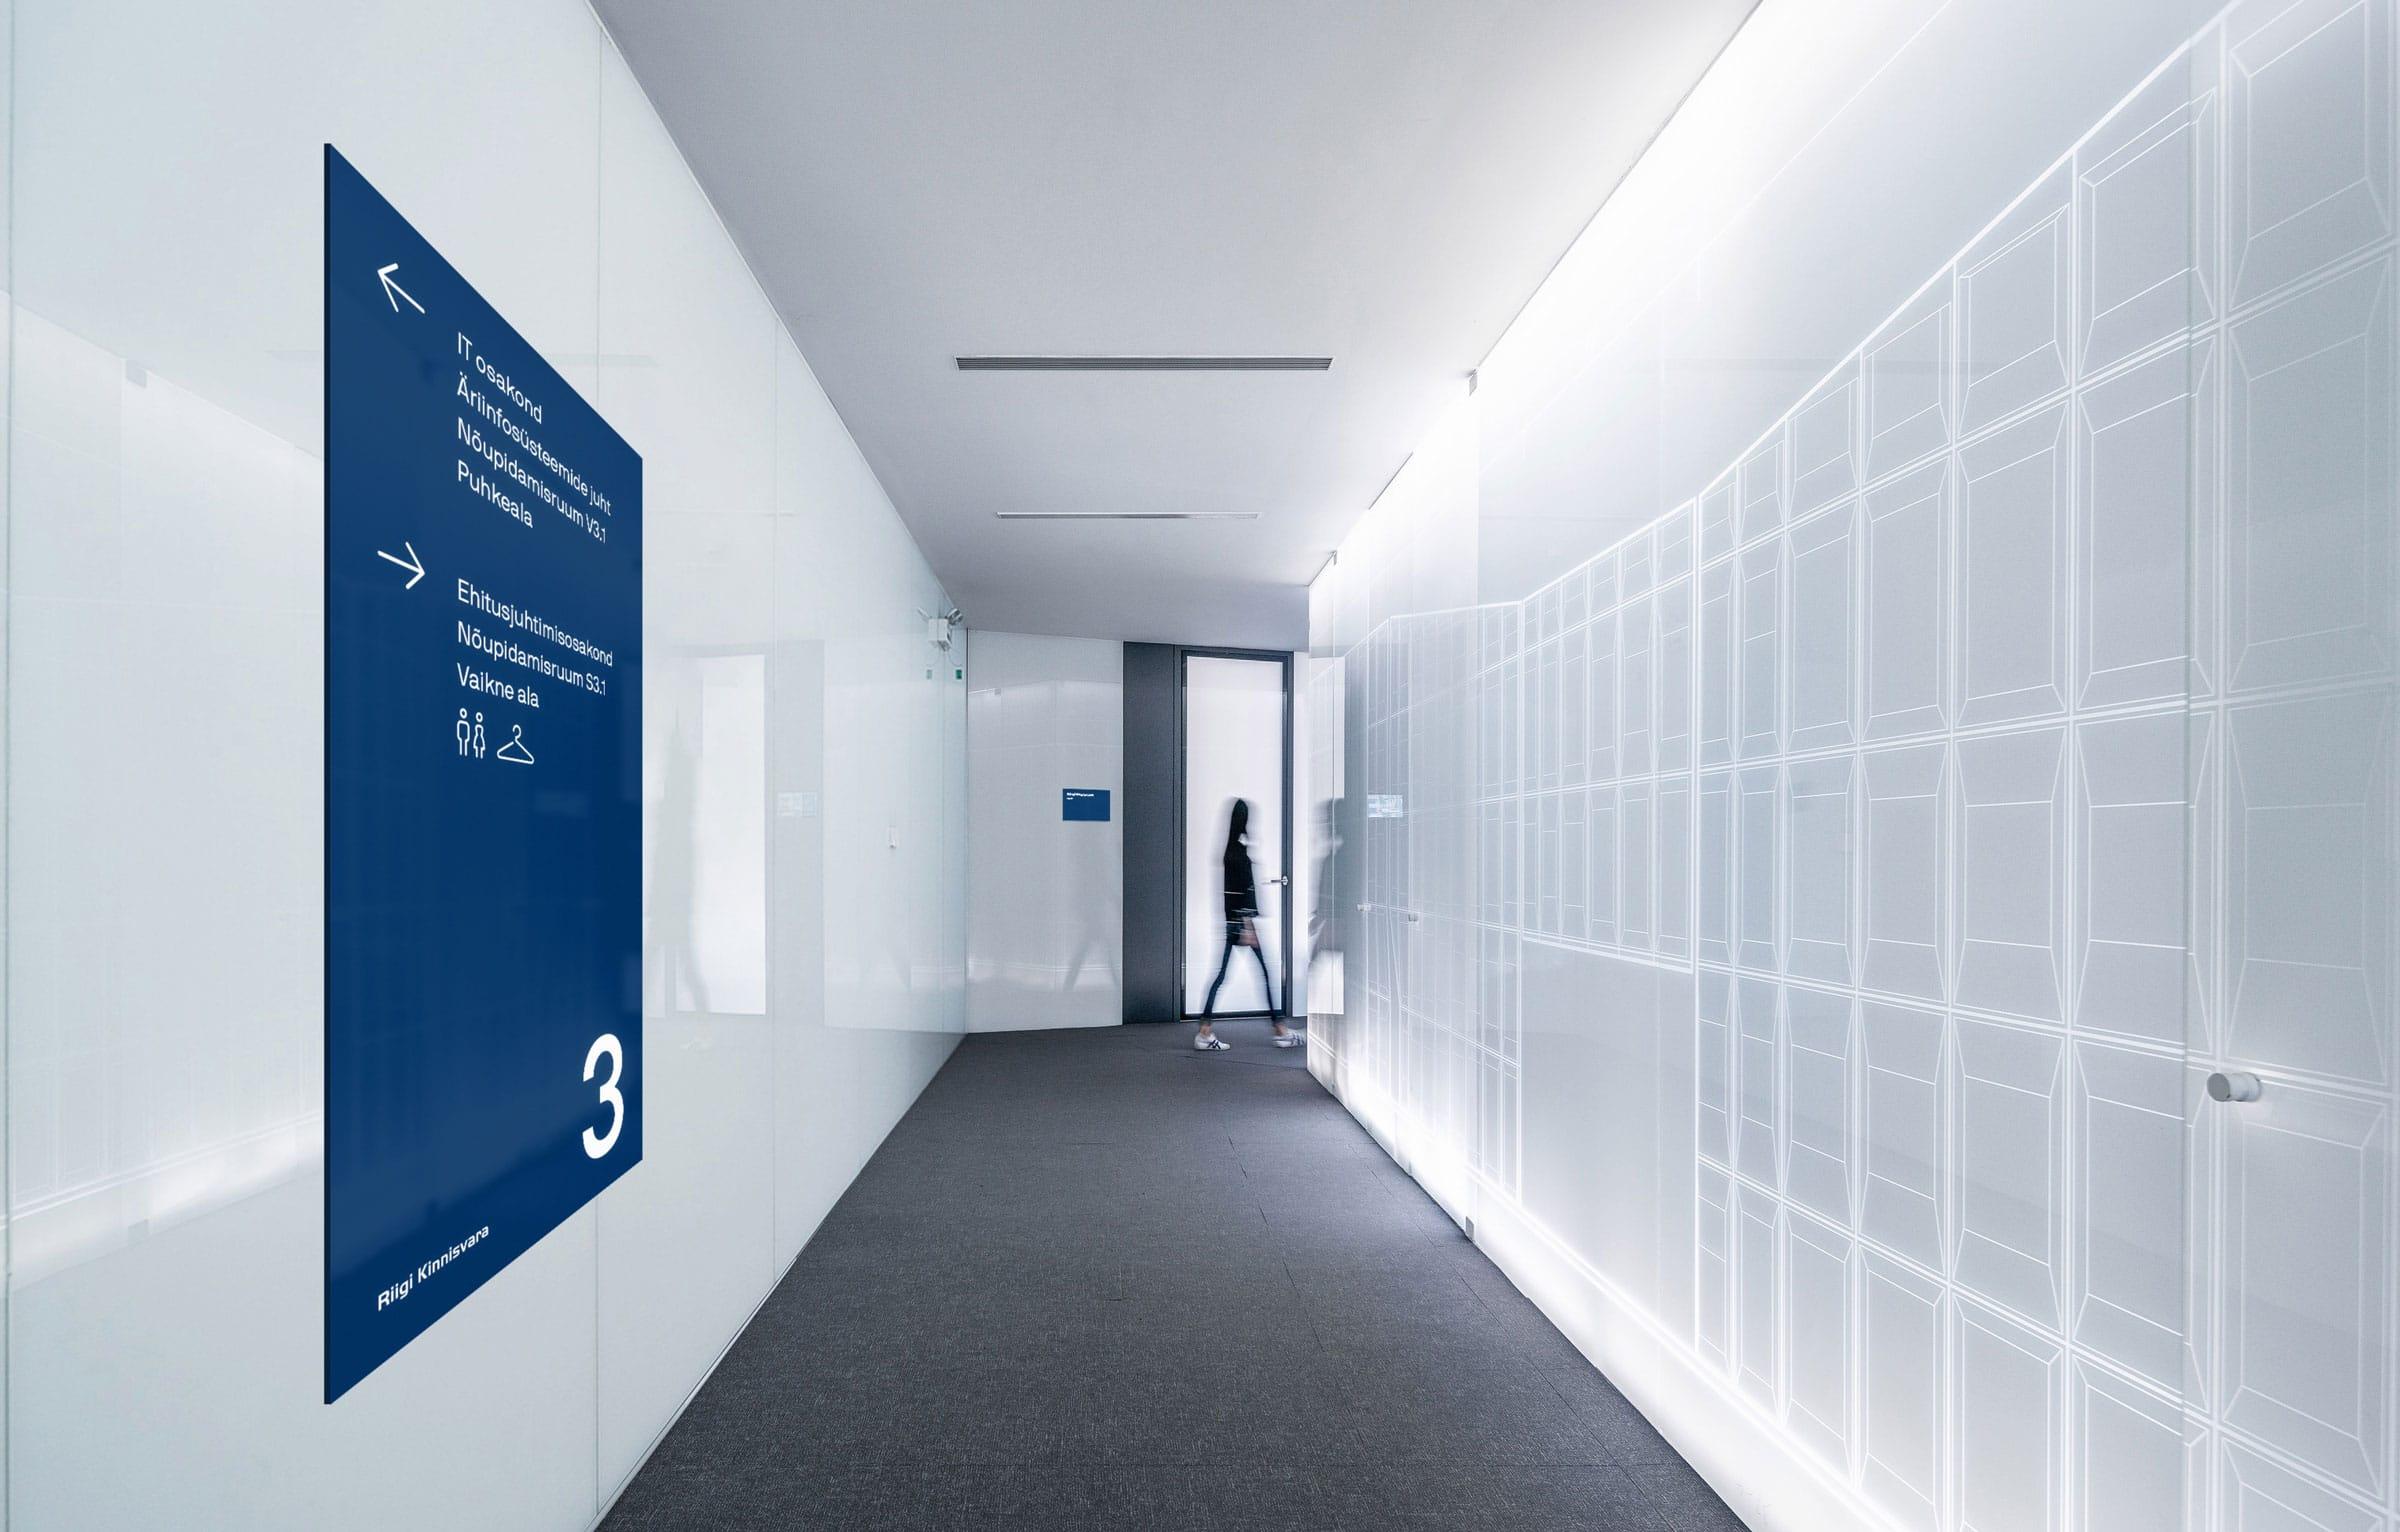 rkas-viit-valges-koridoris